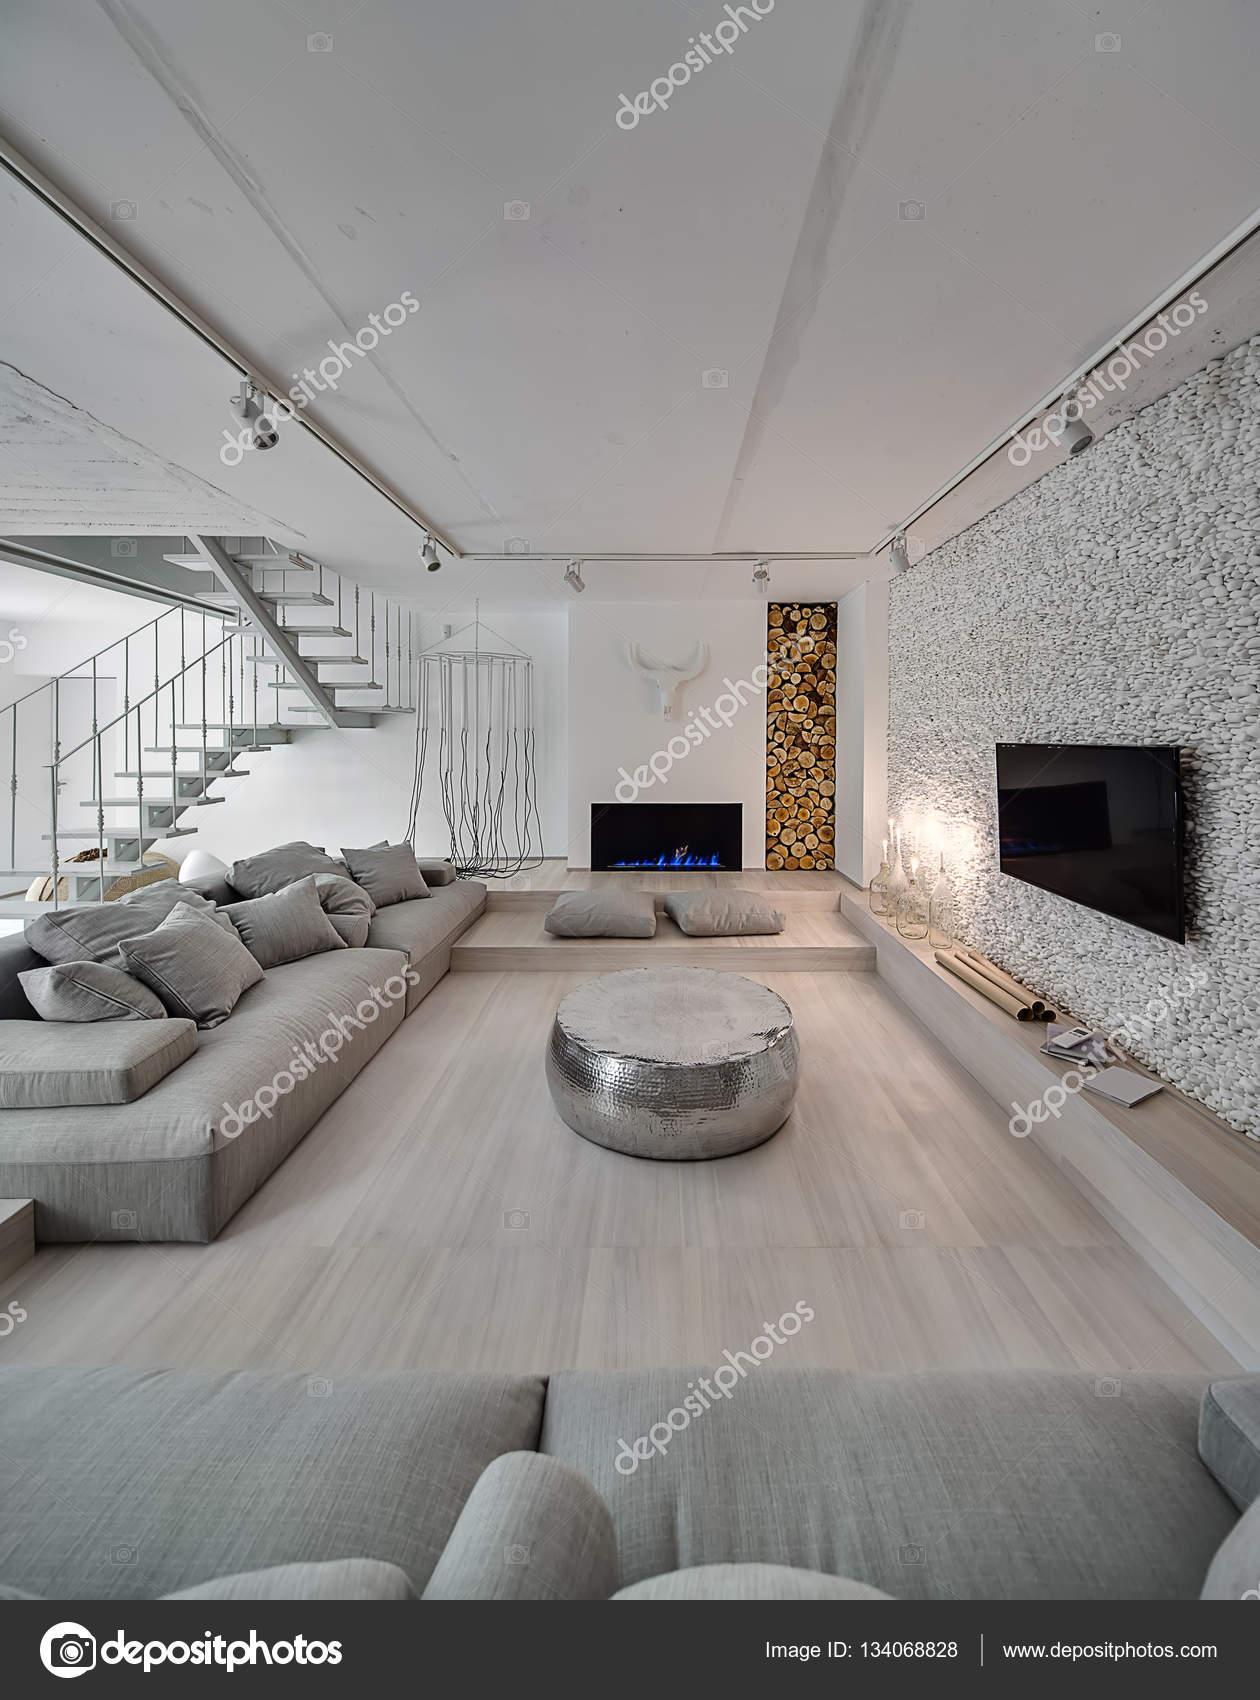 Interieur im modernen Stil — Stockfoto © bezikus #134068828